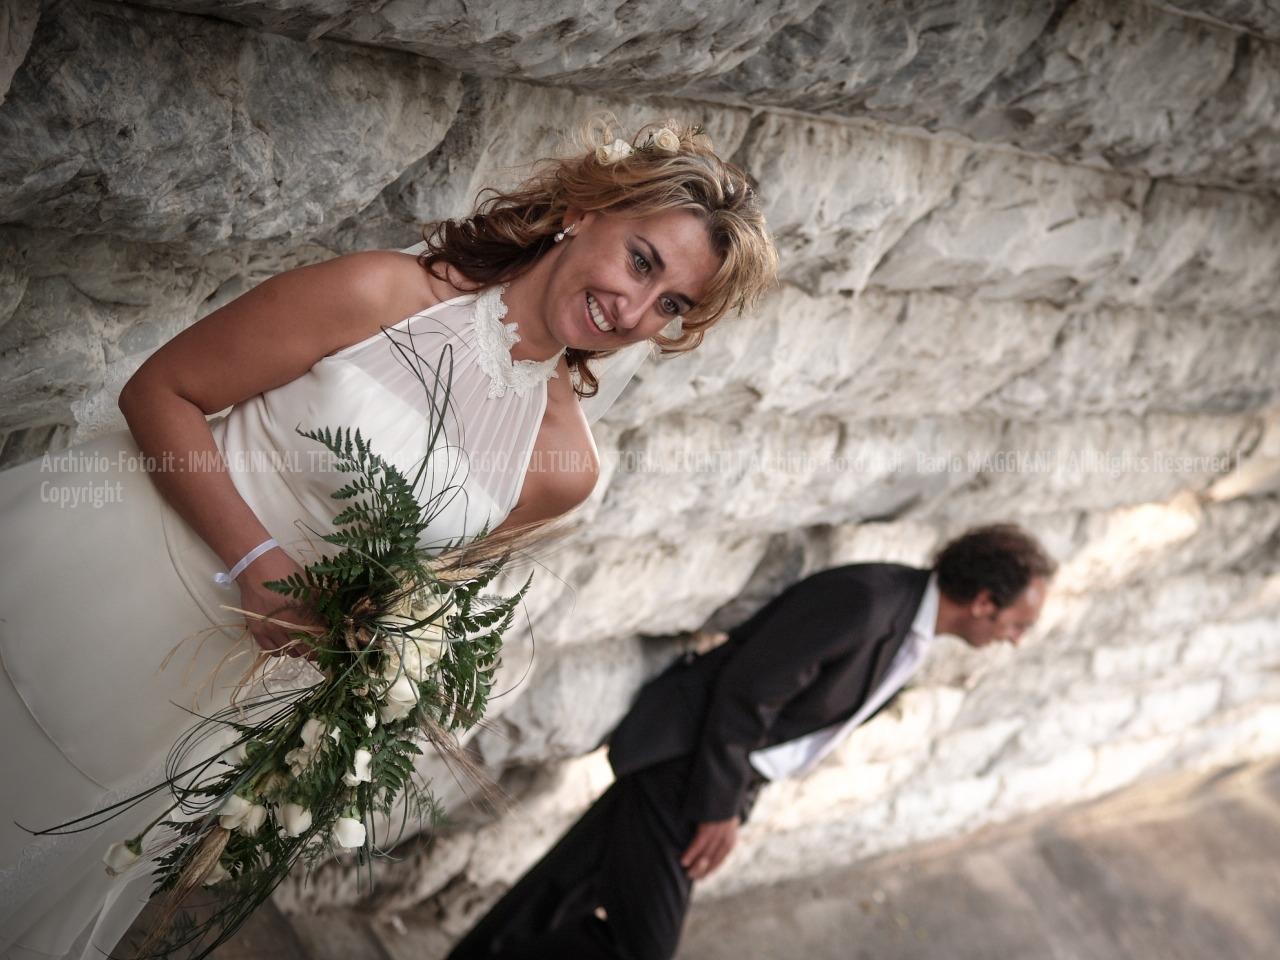 foto-176__24092005_beni-culturali-Carrara-marmo-matrimonio-Paolo-Maddy-piazza-DArmi